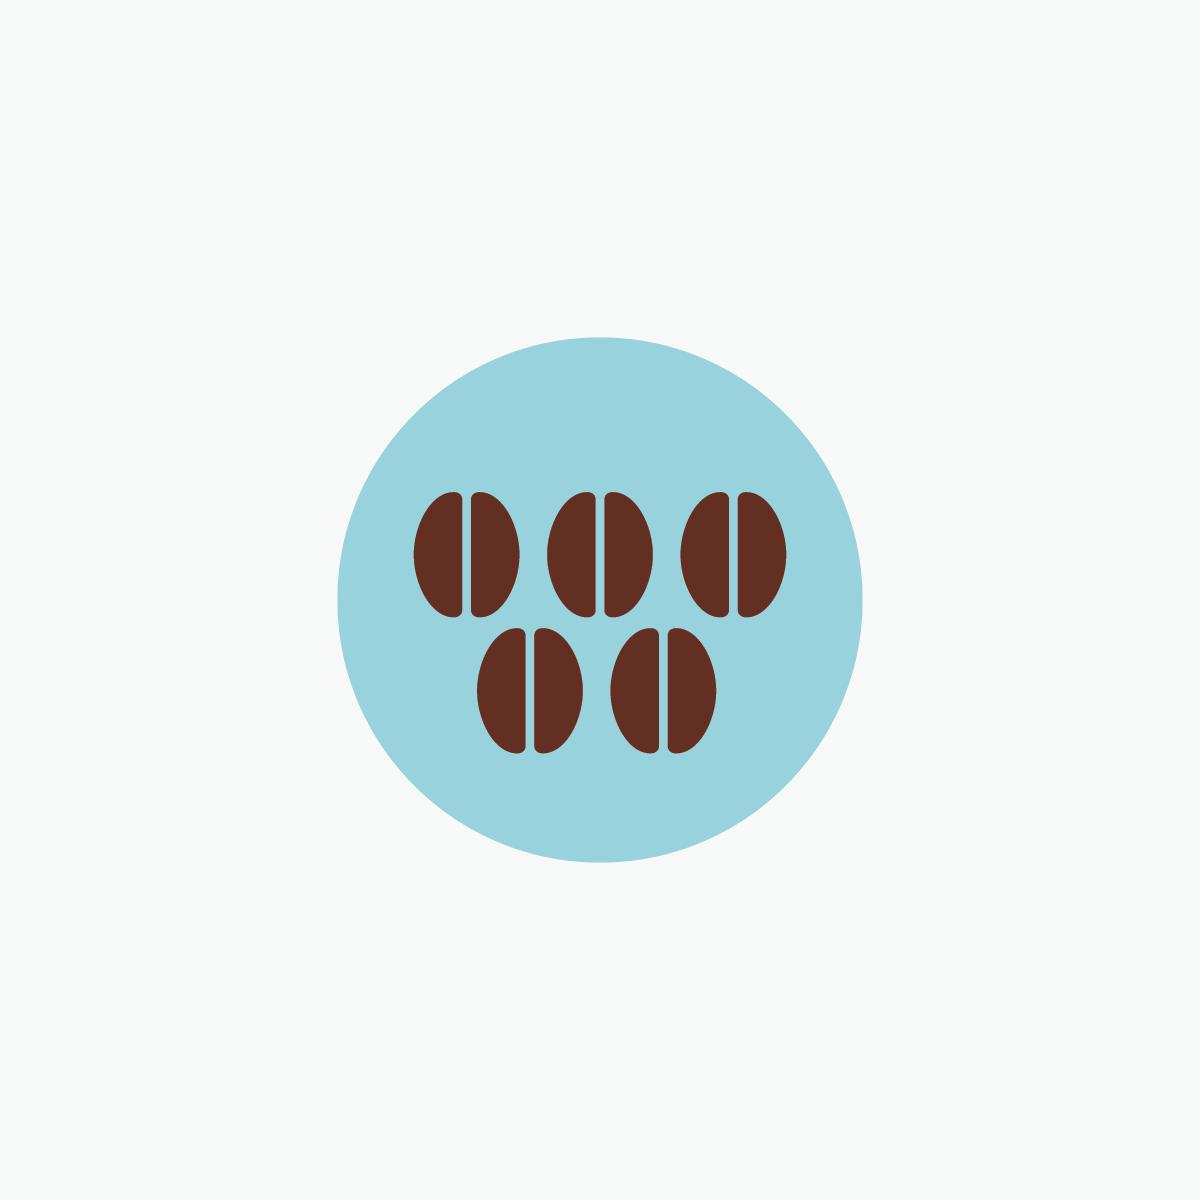 JD_Logos-01.png